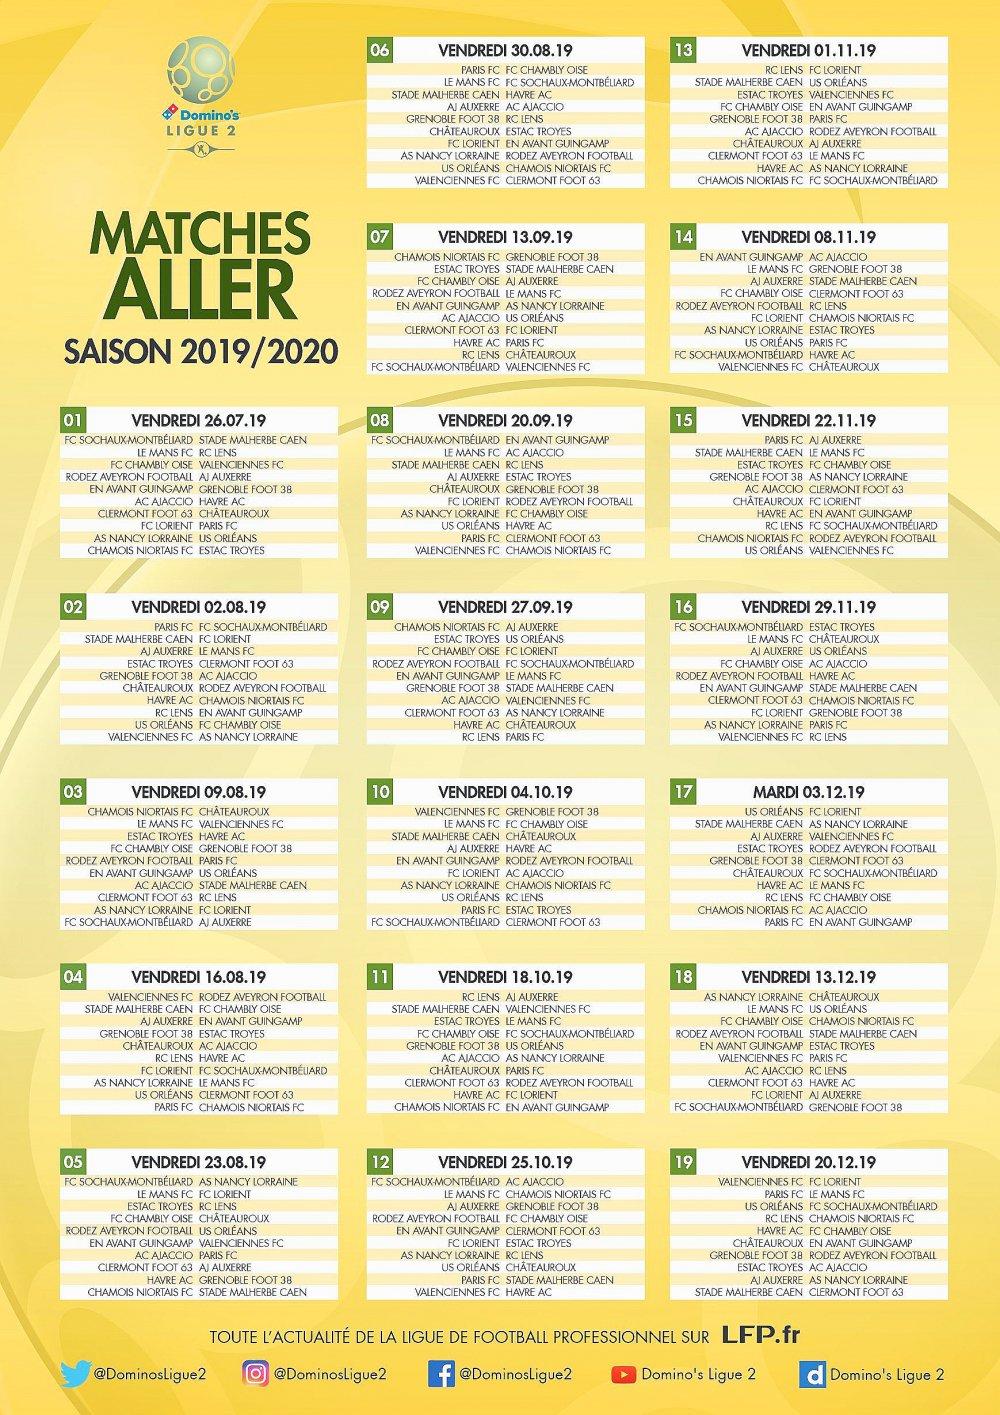 Calendrier Hac.Rouen Ligue 2 Hac Le Calendrier 2019 2020 A Ete Devoile